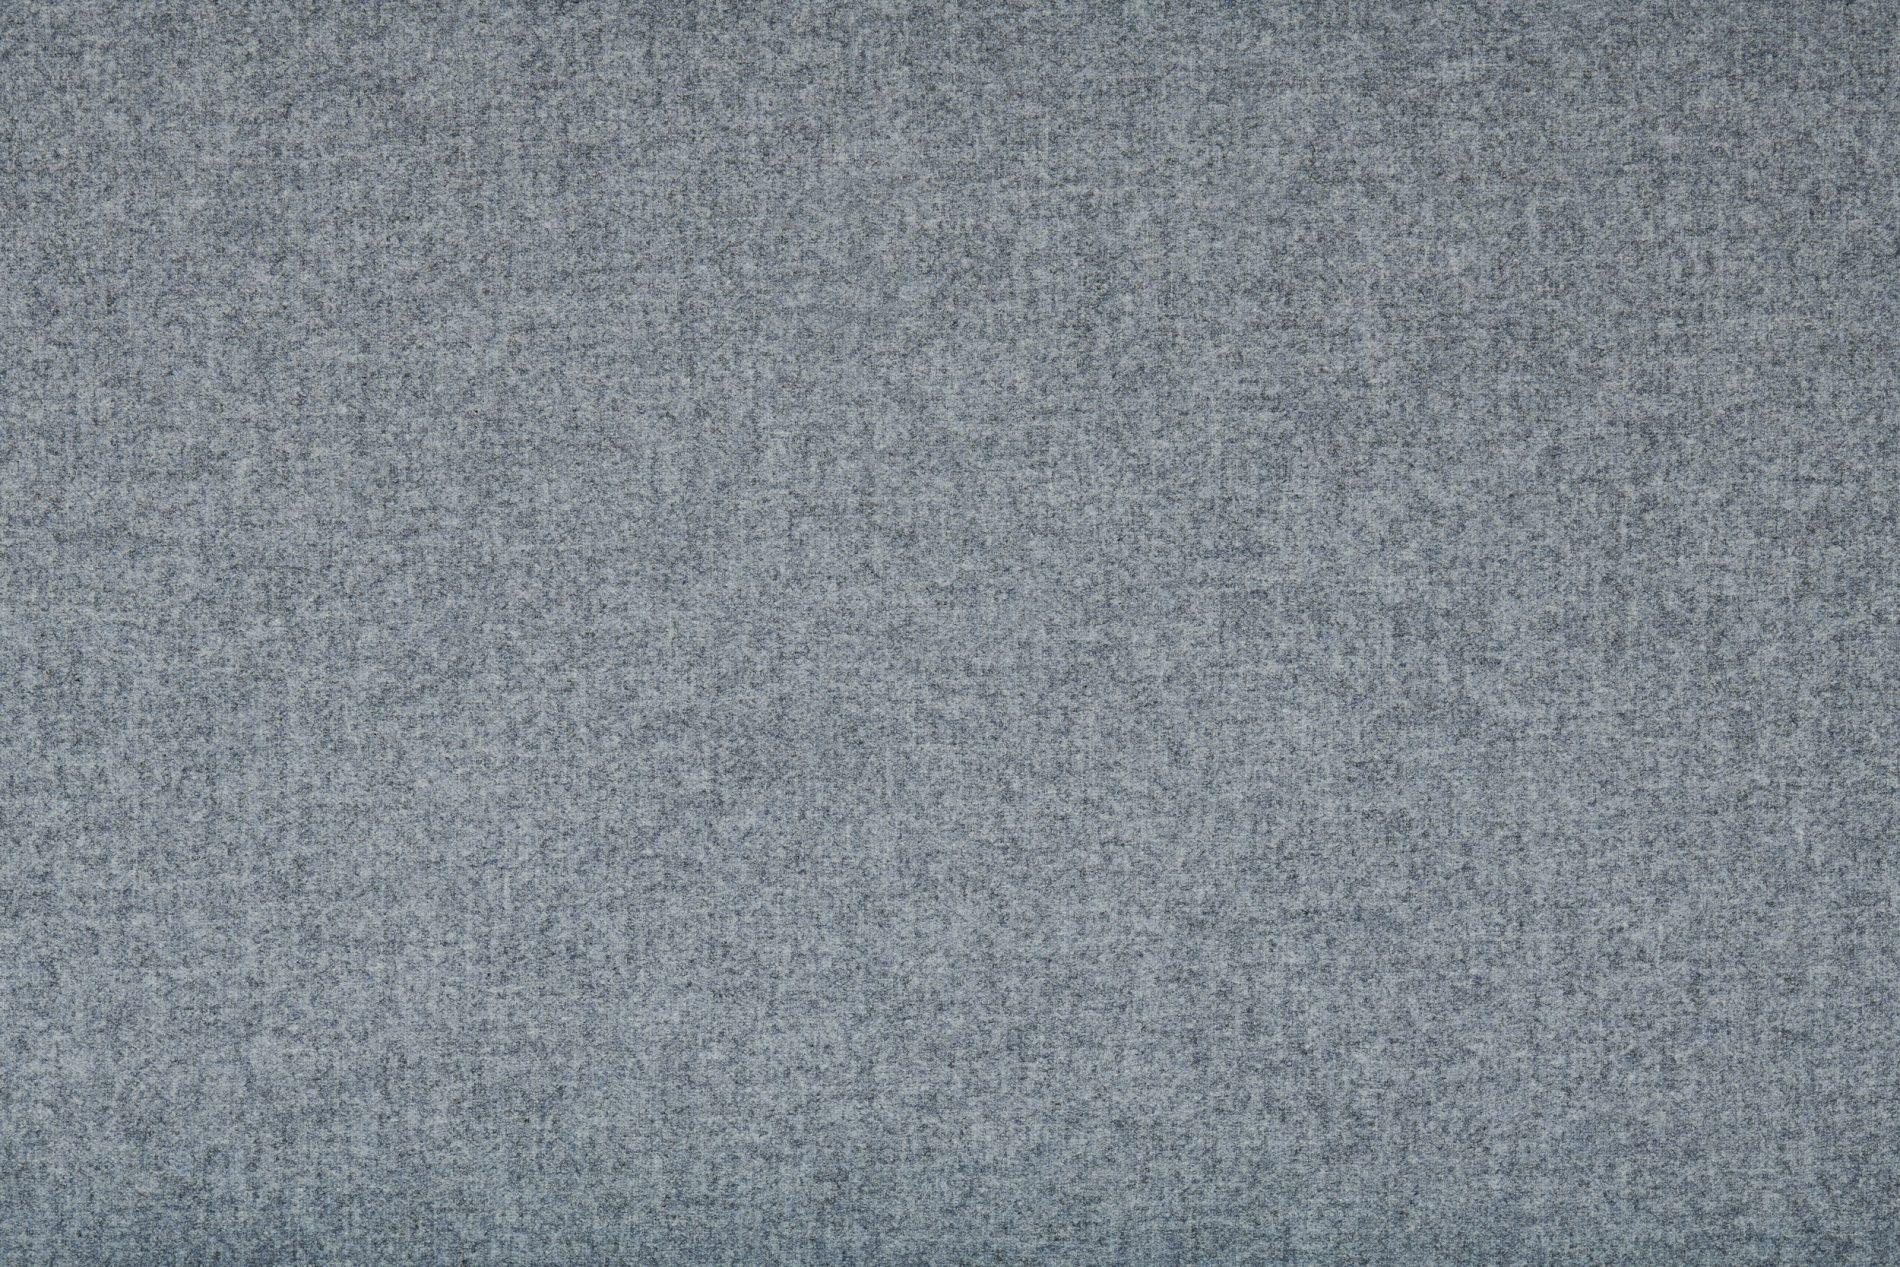 PURE 360 Plain Merino wool (19/8000)